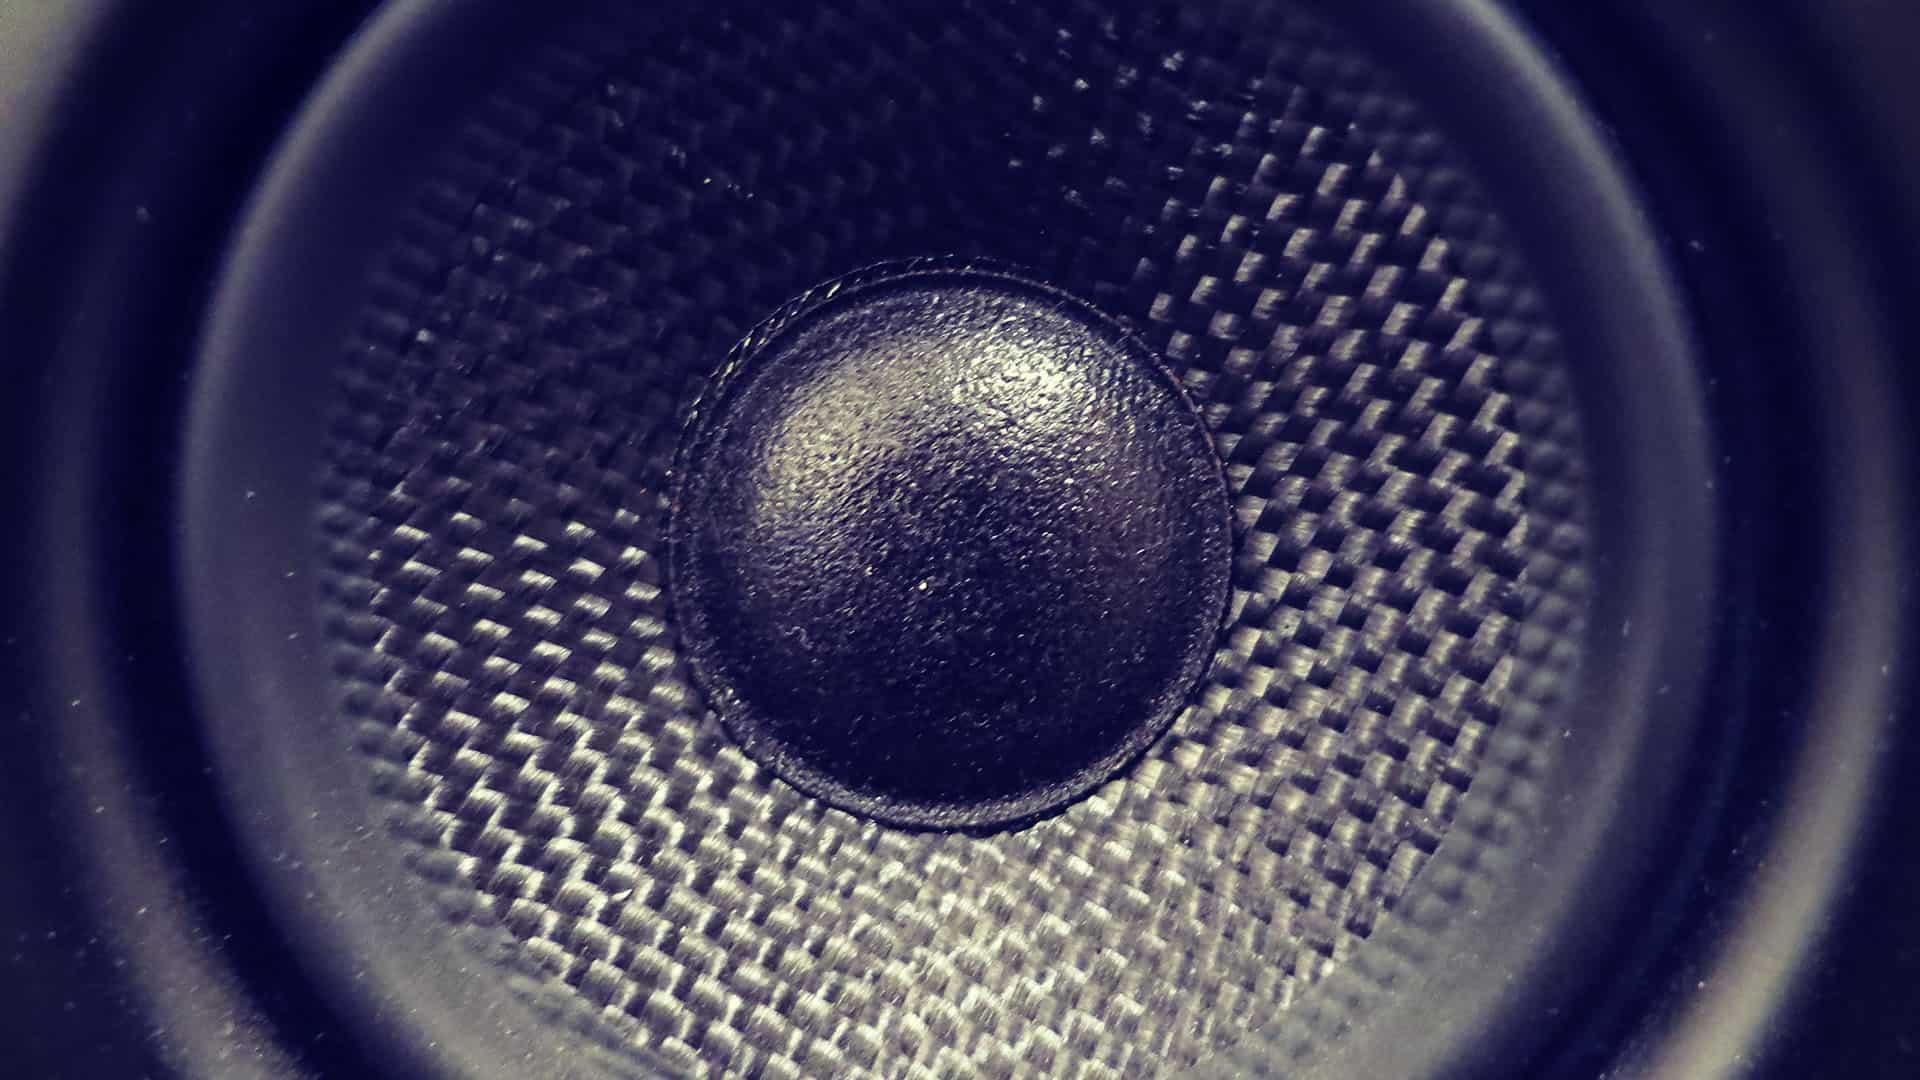 Bass abmischen: 7 Tipps für durchsetzungsfähige Bässe